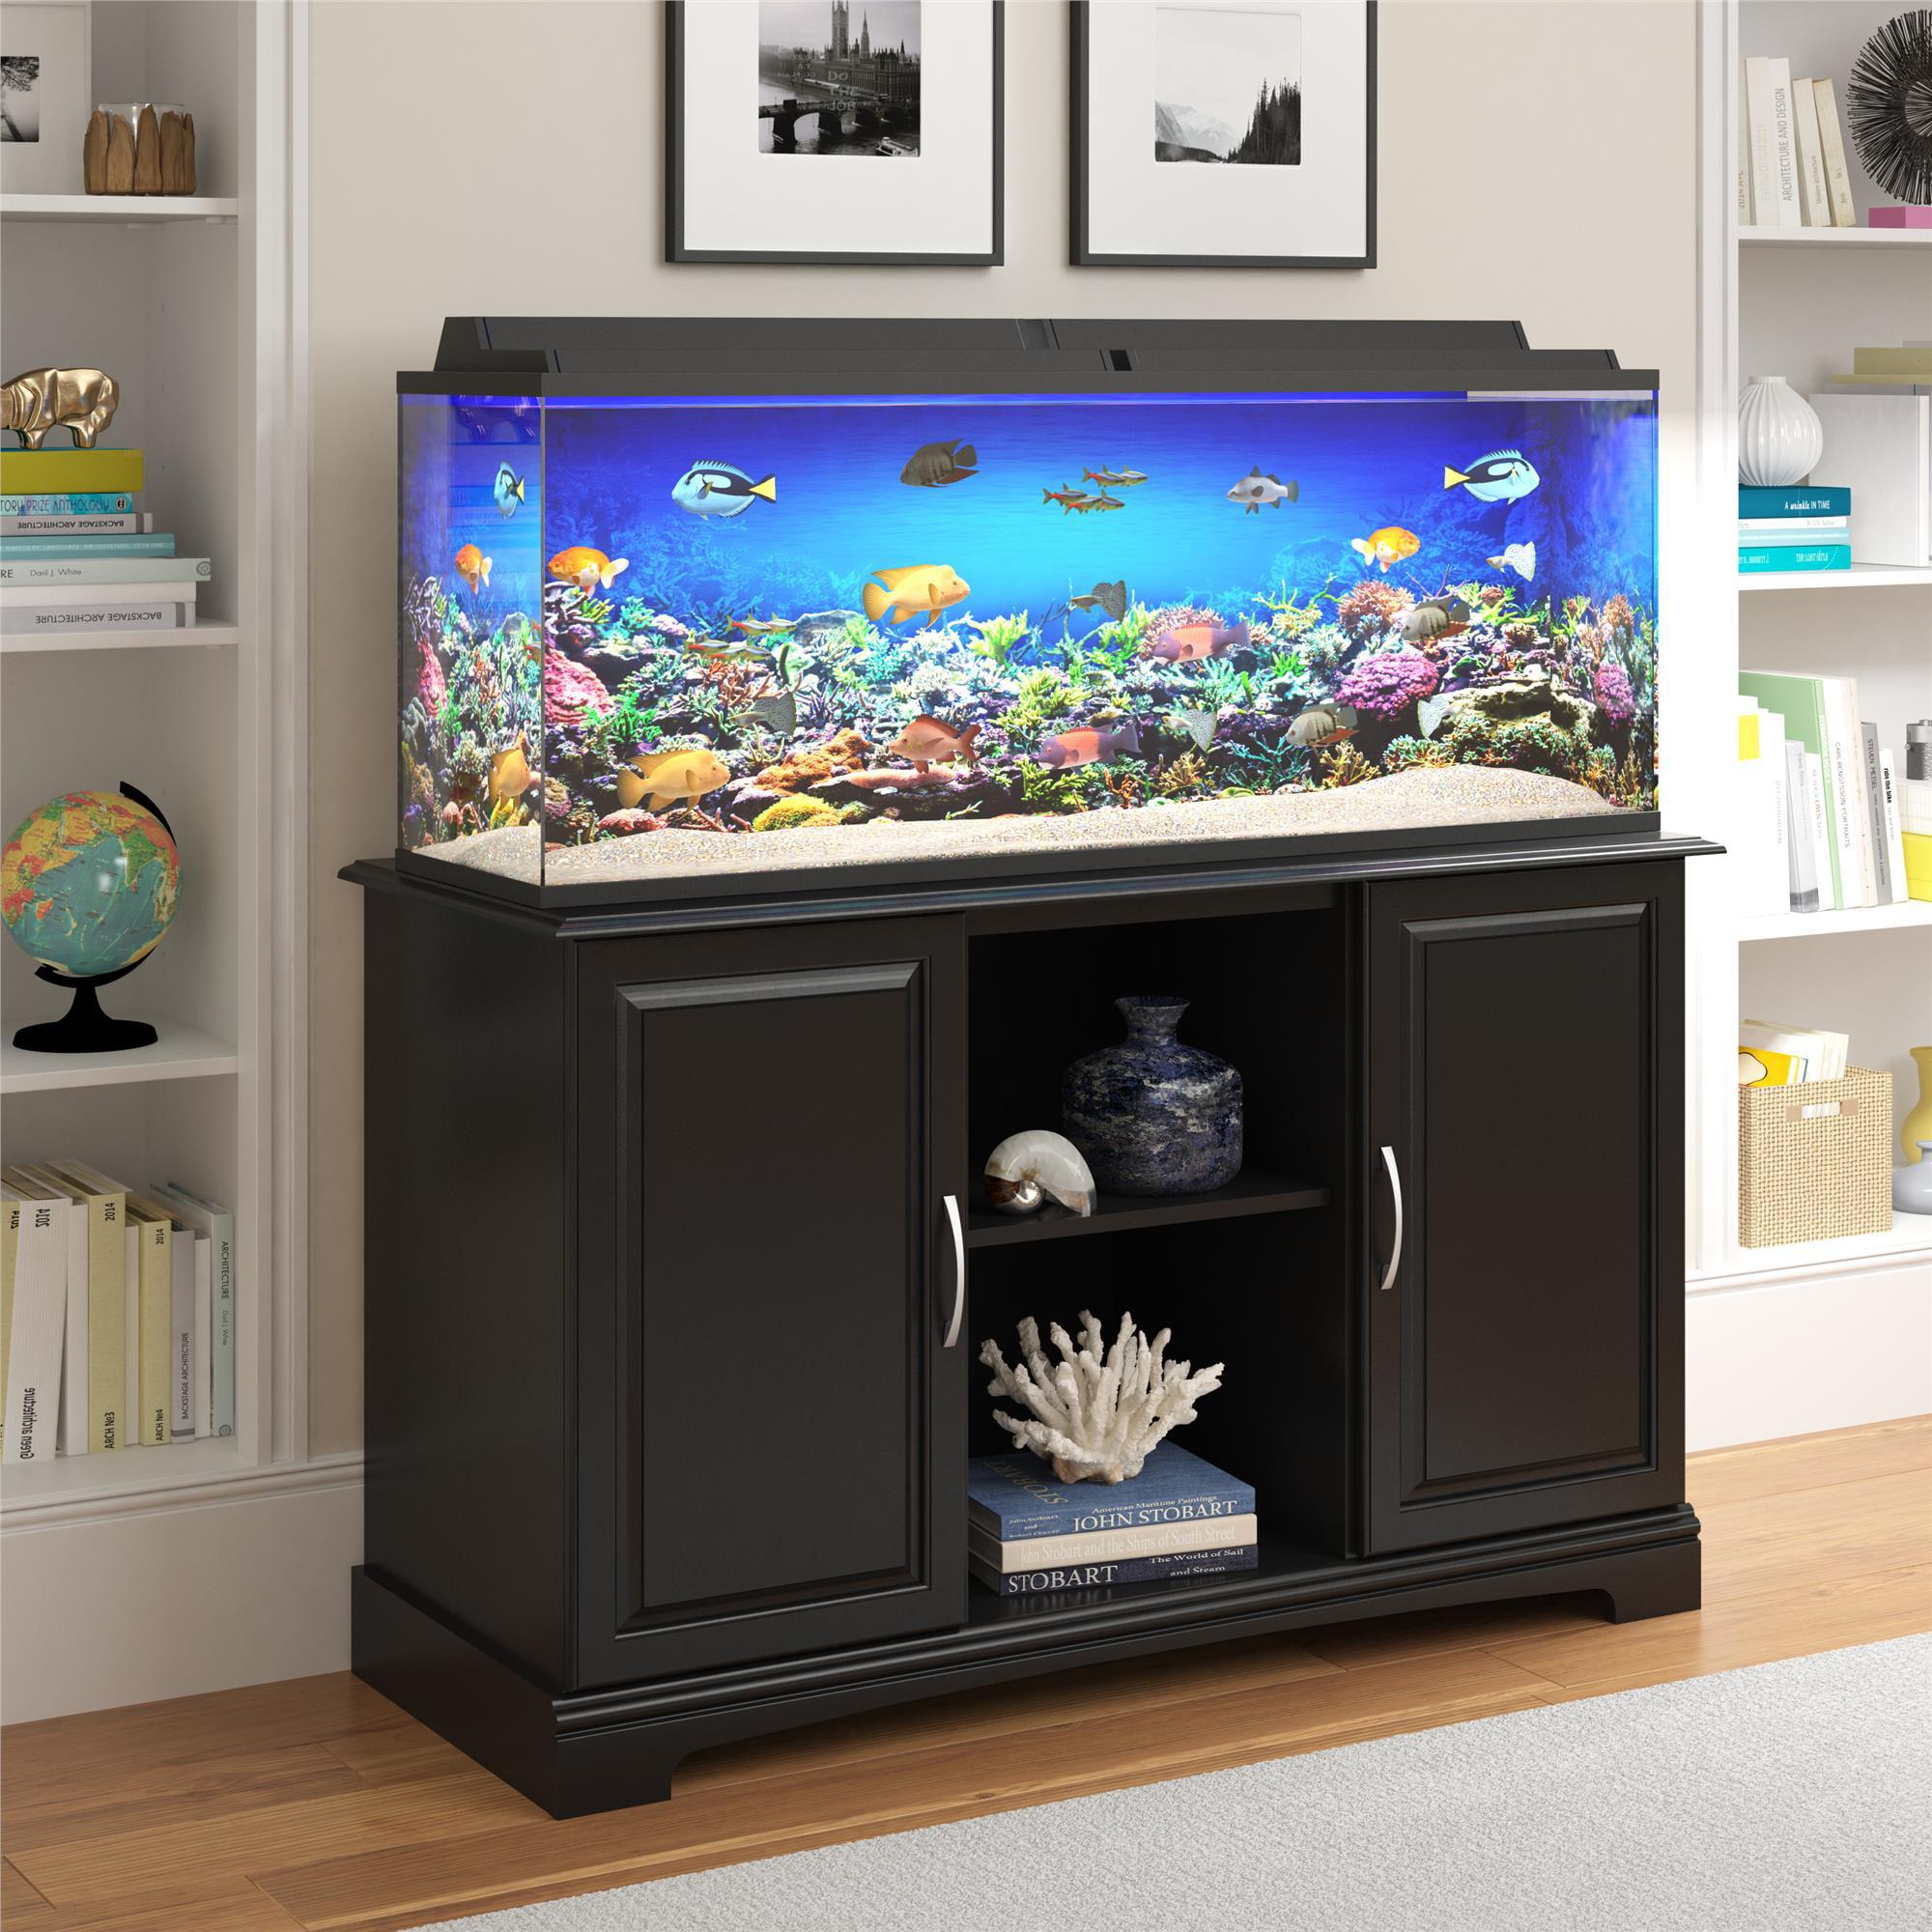 Ameriwood Home Alta Vista 50 75 Gallon Aquarium Stand Multiple Colors Walmart Com Walmart Com